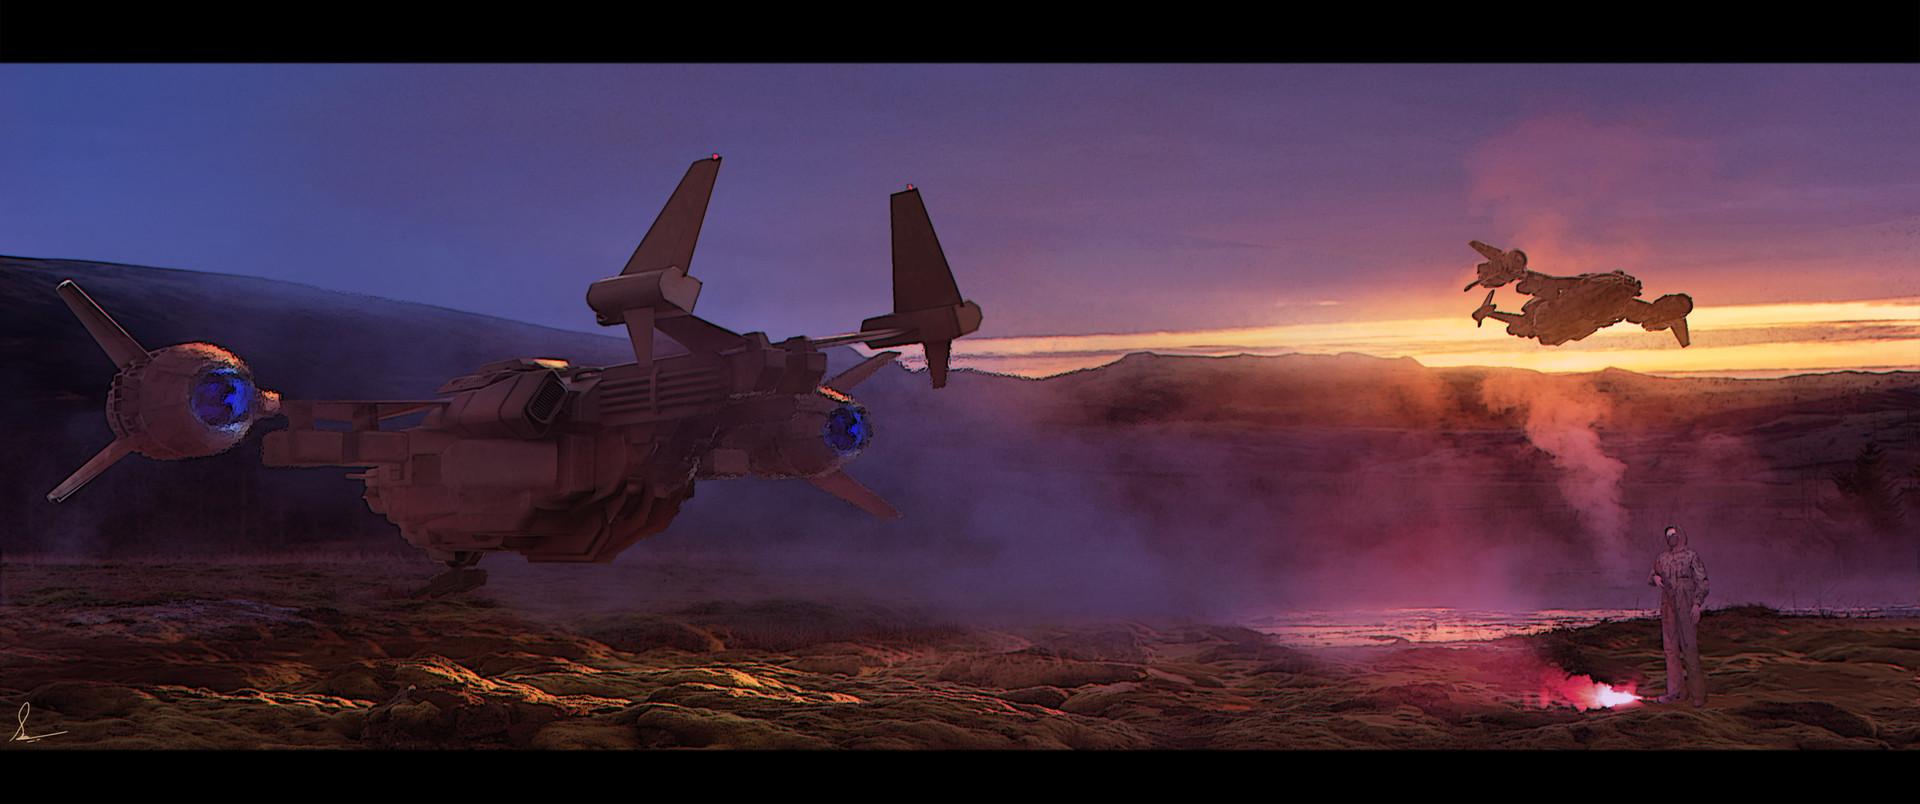 Shwetank shukla vtol landing